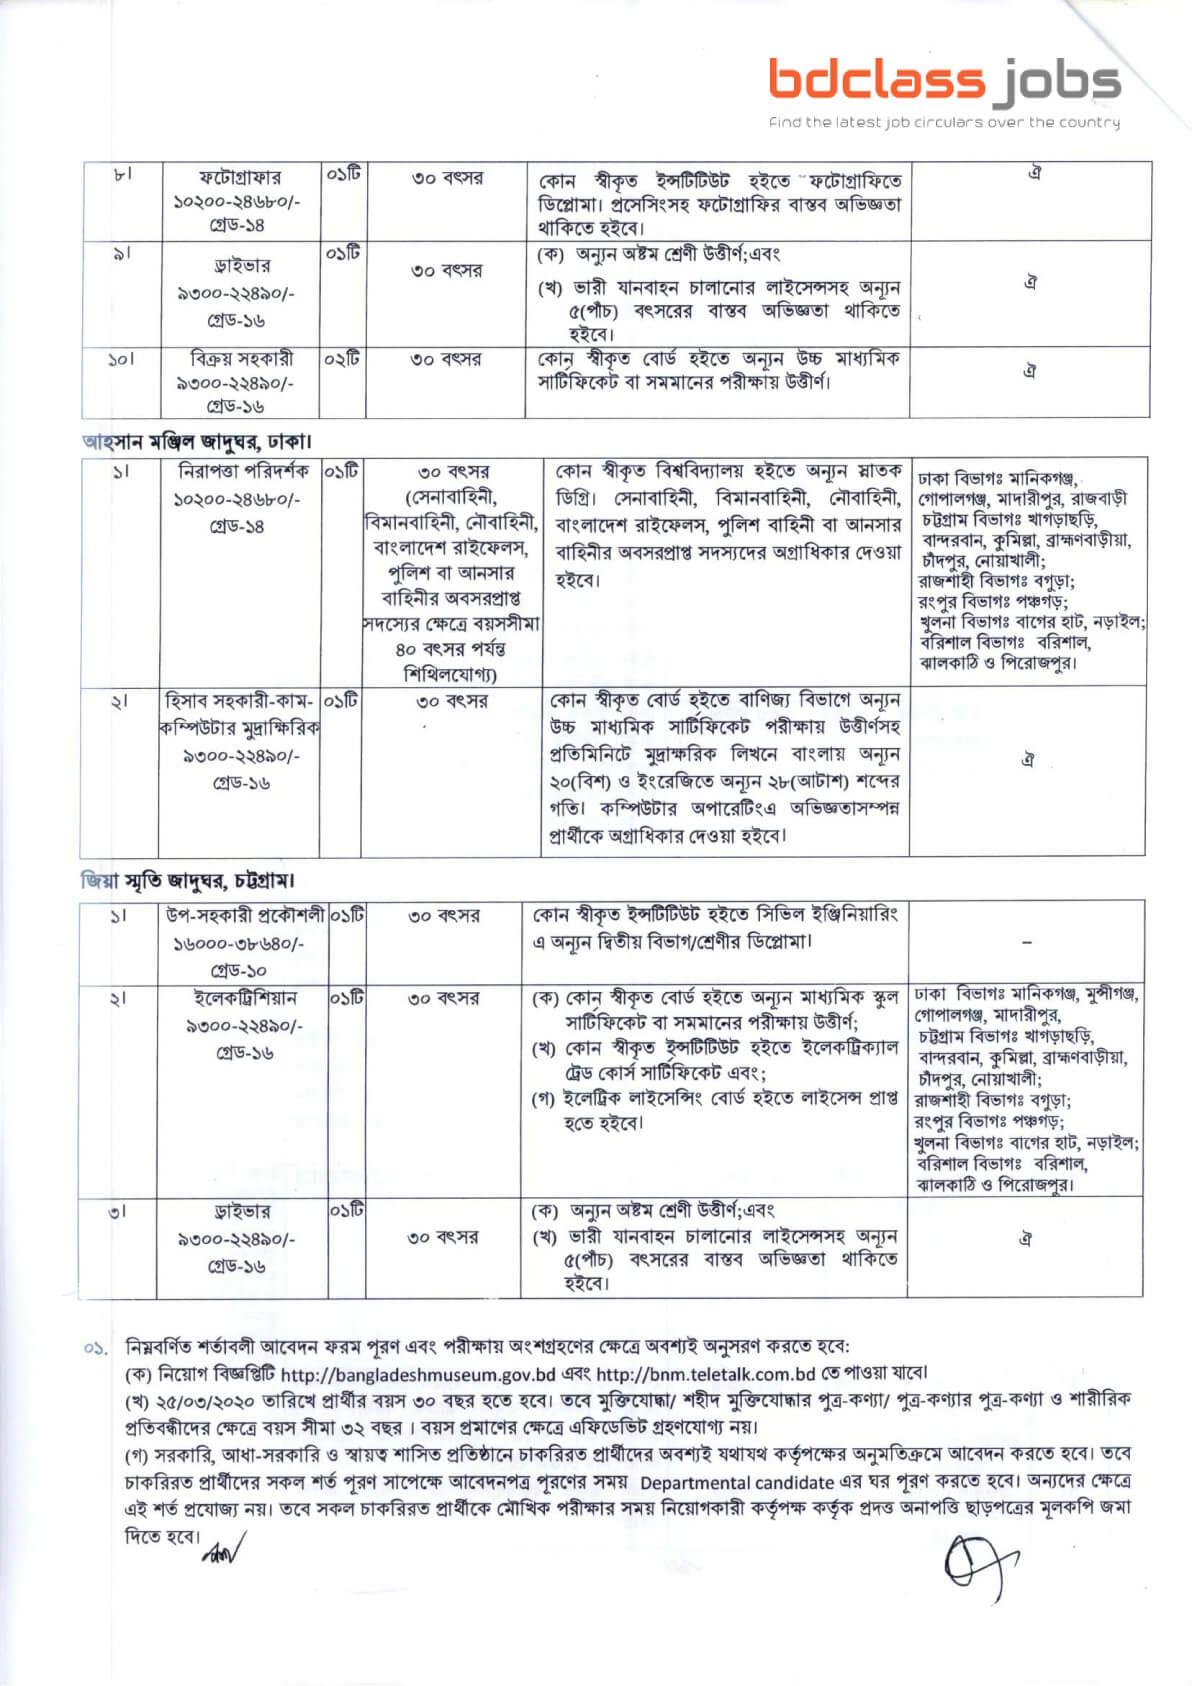 Bangladesh National Museum Job Circular 2021